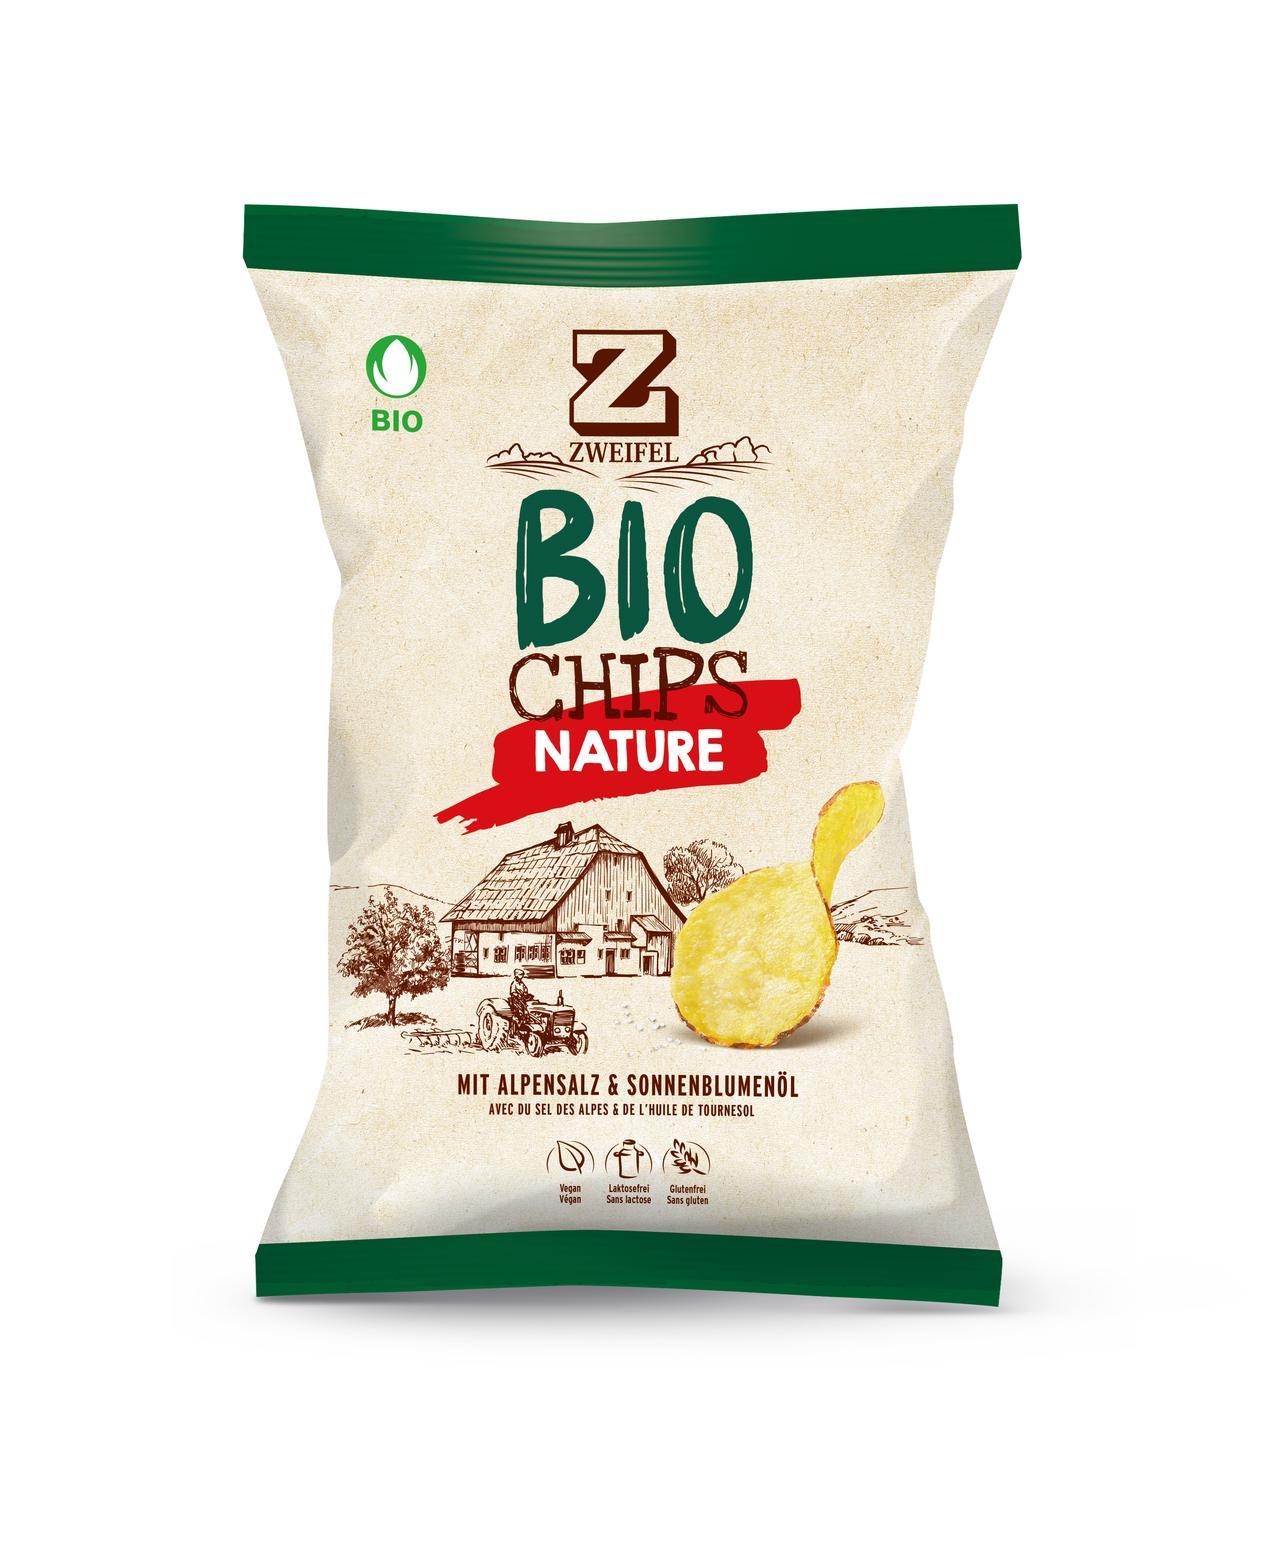 Zweifel Bio Chips Nature